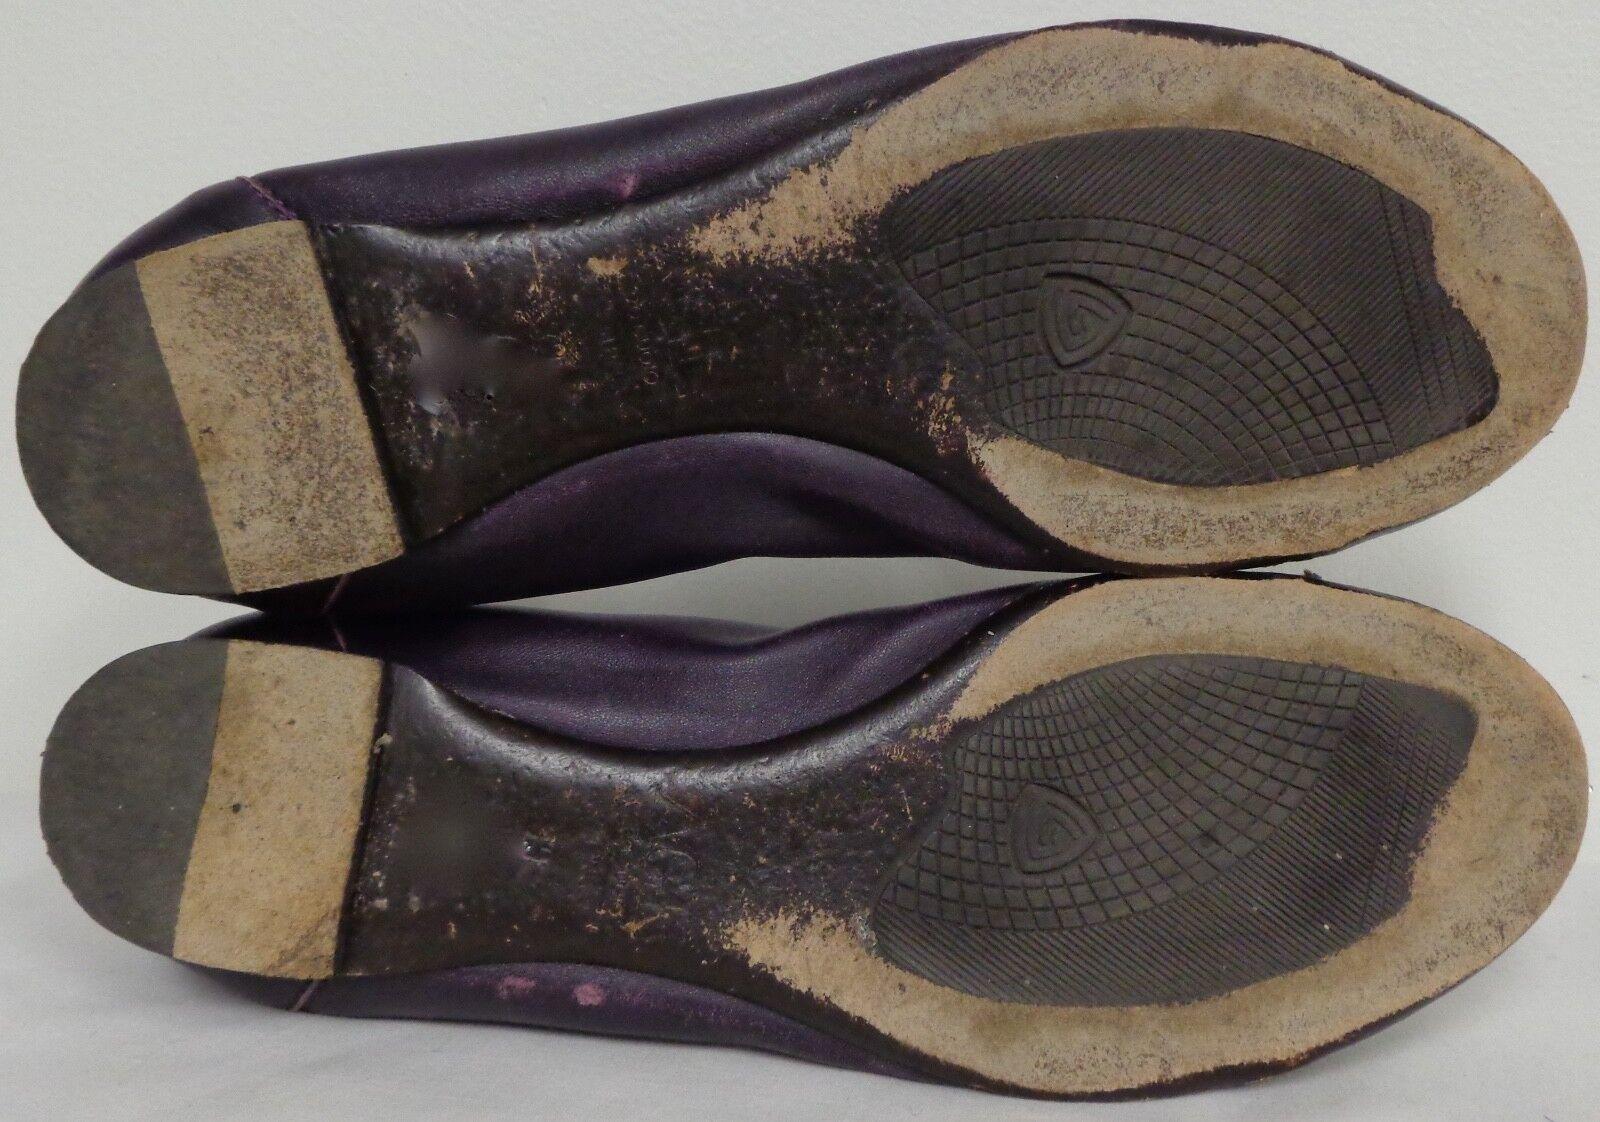 AGL Attilio Giusti Leombruni Puntera De De De Cuero Púrpura de piel de serpiente Ballet Planas 39 196938